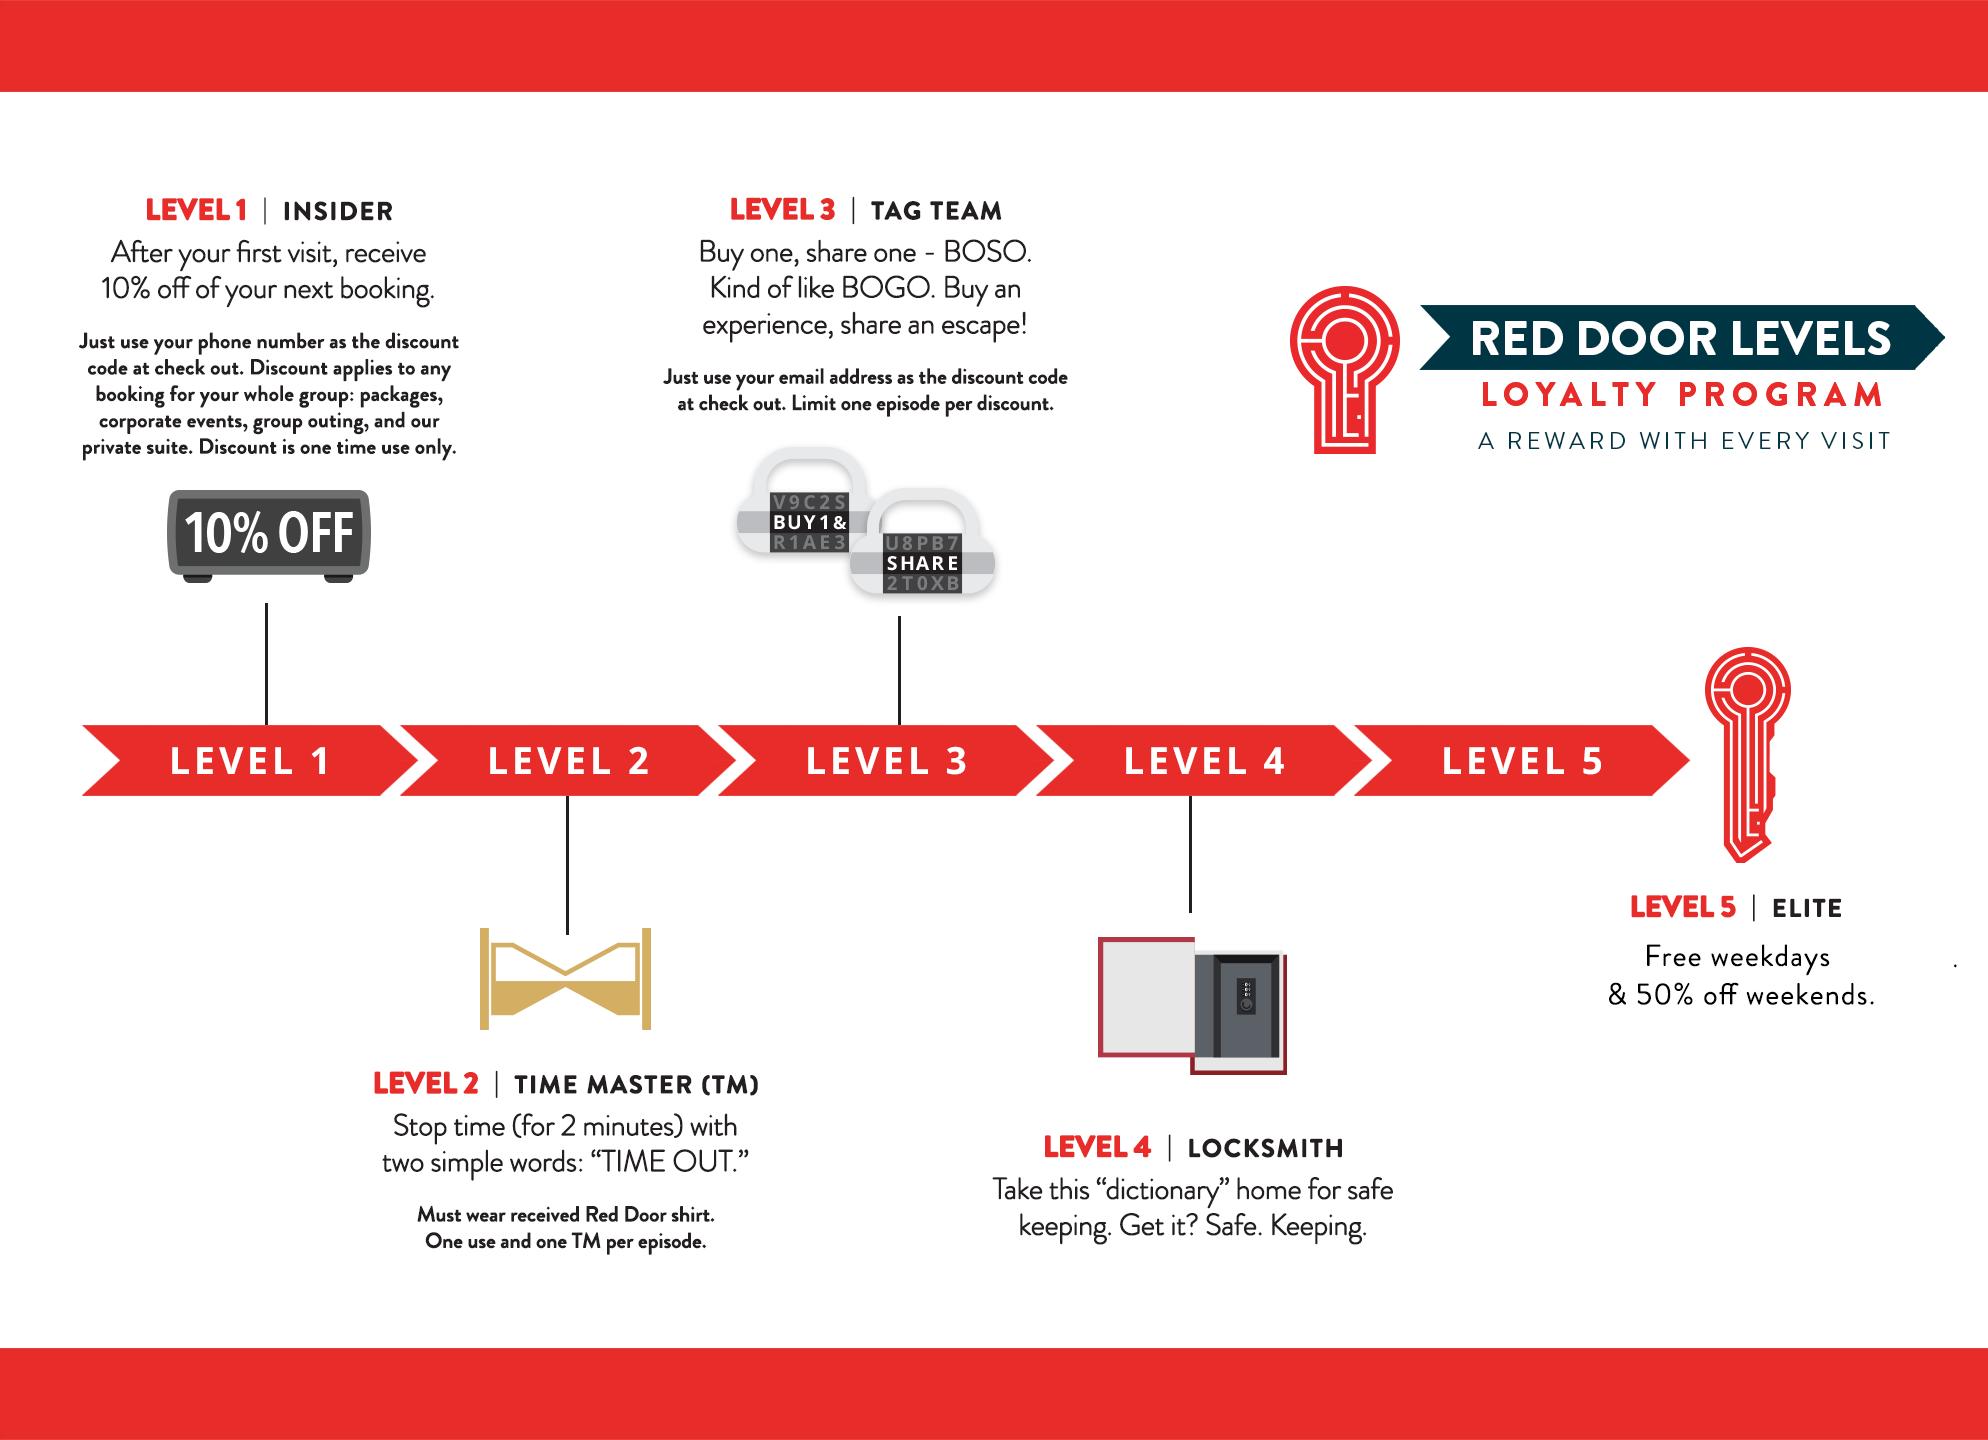 Red Door Loyalty Program